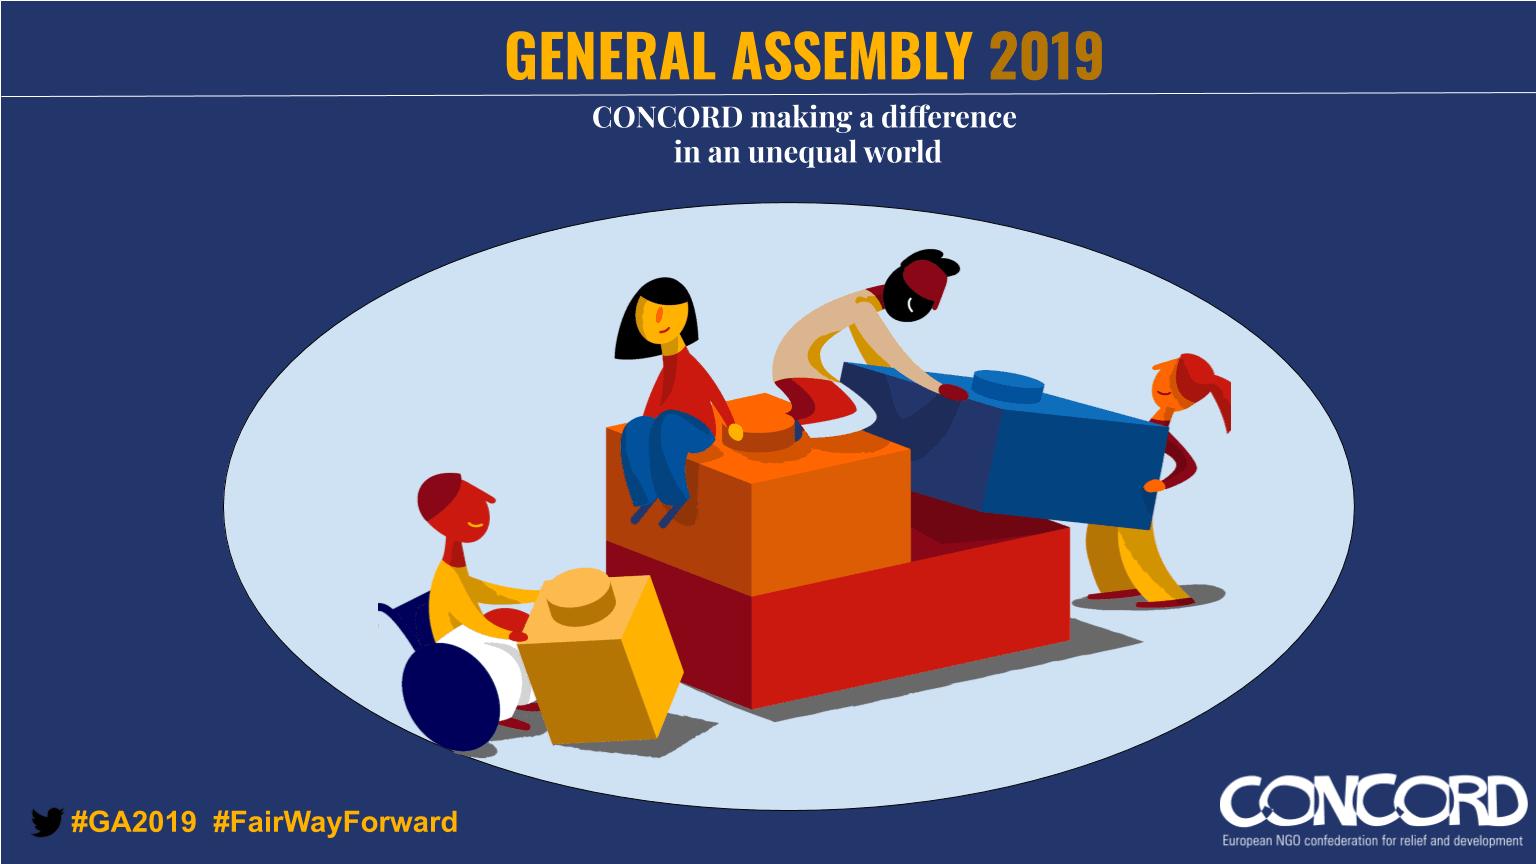 Generalna skupščina CONCORD 2019